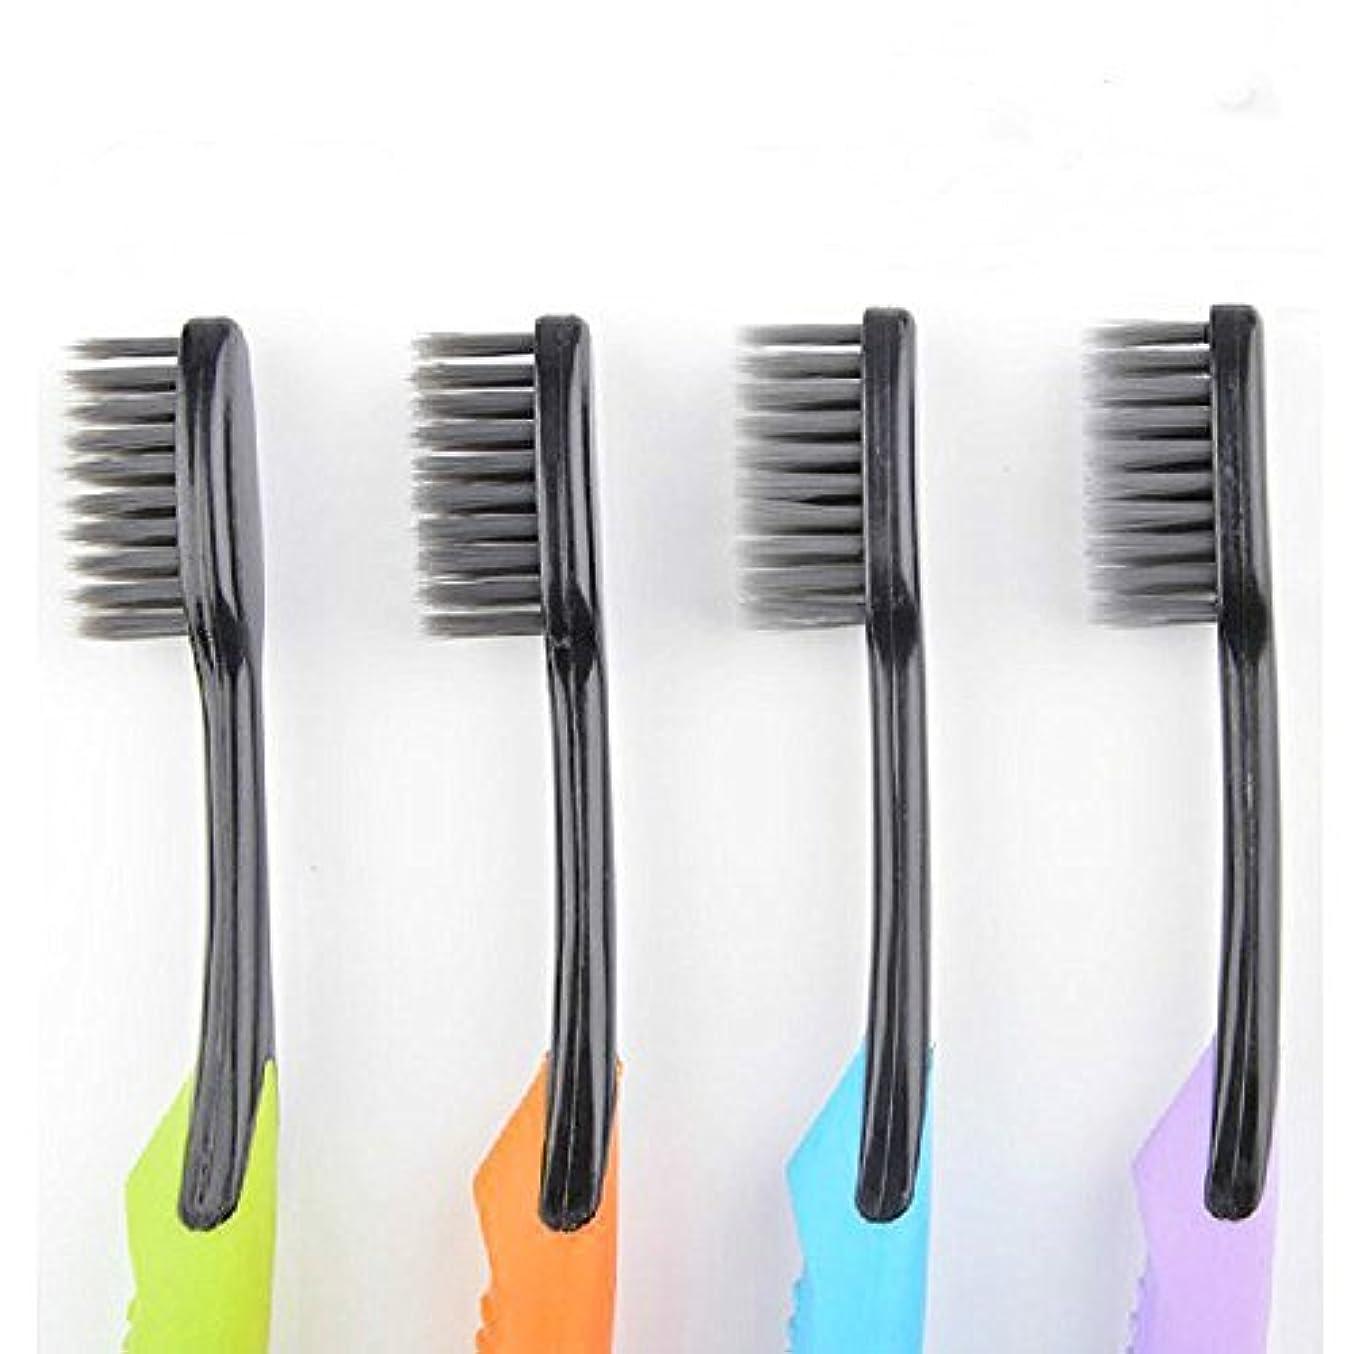 肝広がりメロディーCand Ultra Soft Adult Toothbrush, Bamboo Charcoal Bristle, Pack of 4 by Cand